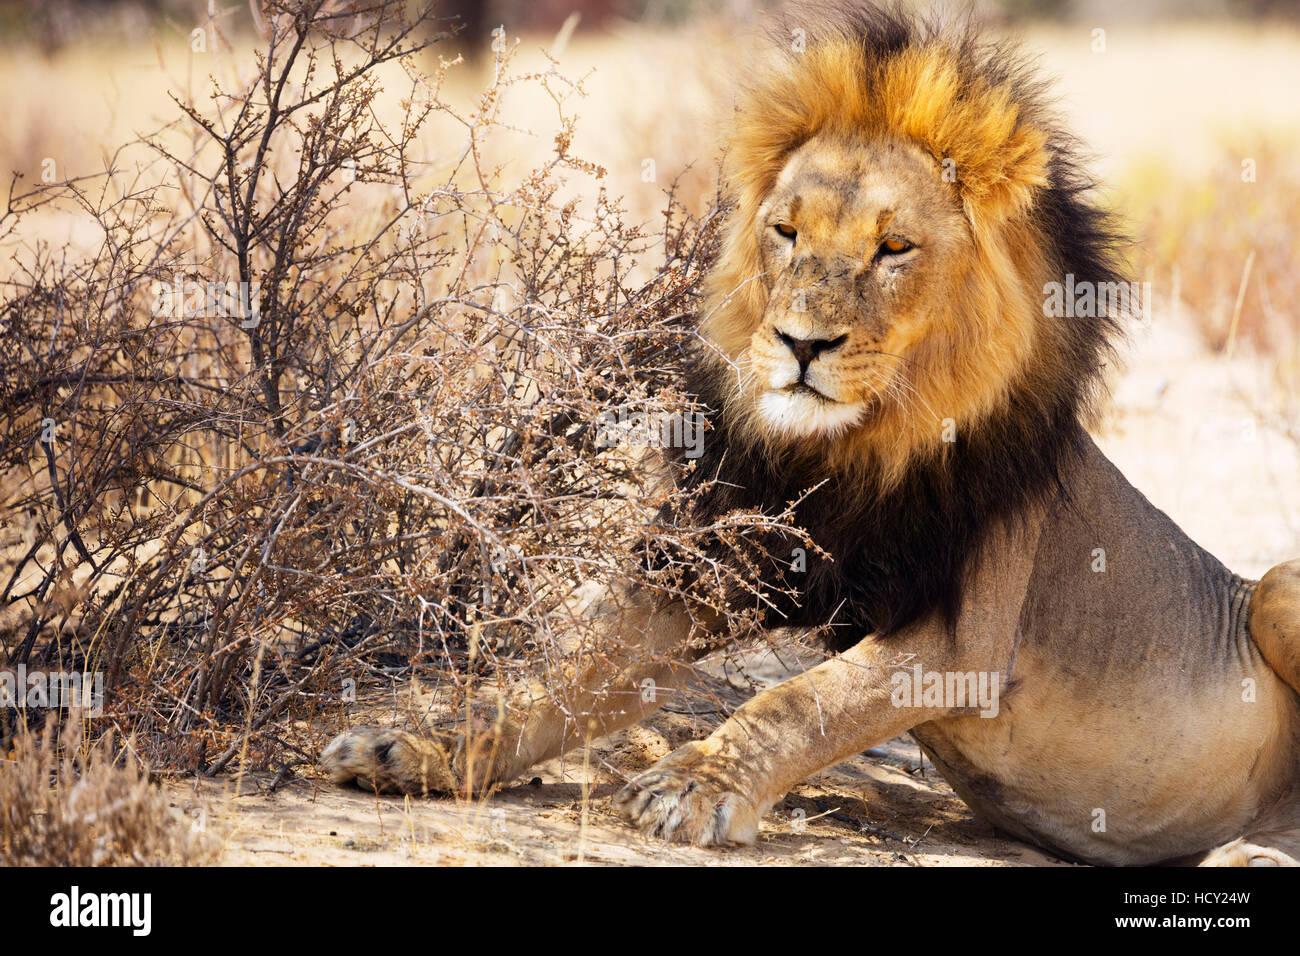 Resting lion (Panthera leo), Kgalagadi Transfrontier Park, Kalahari, Northern Cape, South Africa, Africa - Stock Image